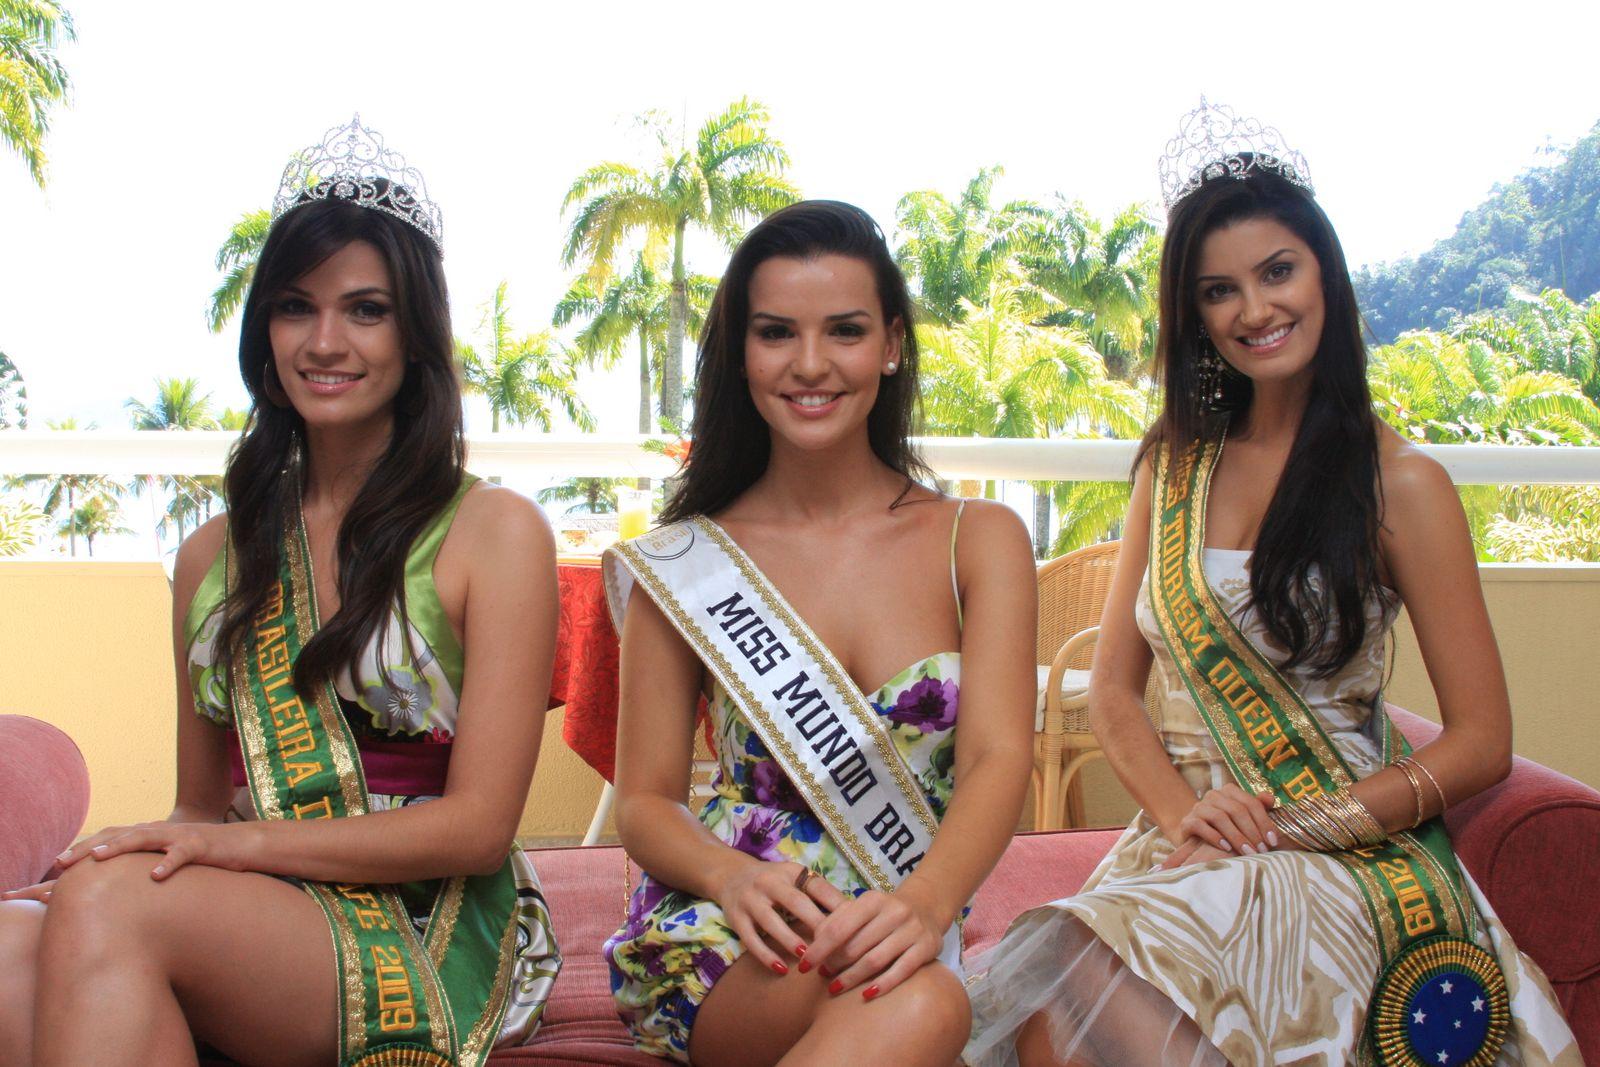 vivian noronha, rainha hispanoamericana 2008. suplente. - Página 2 3zdz3u2n